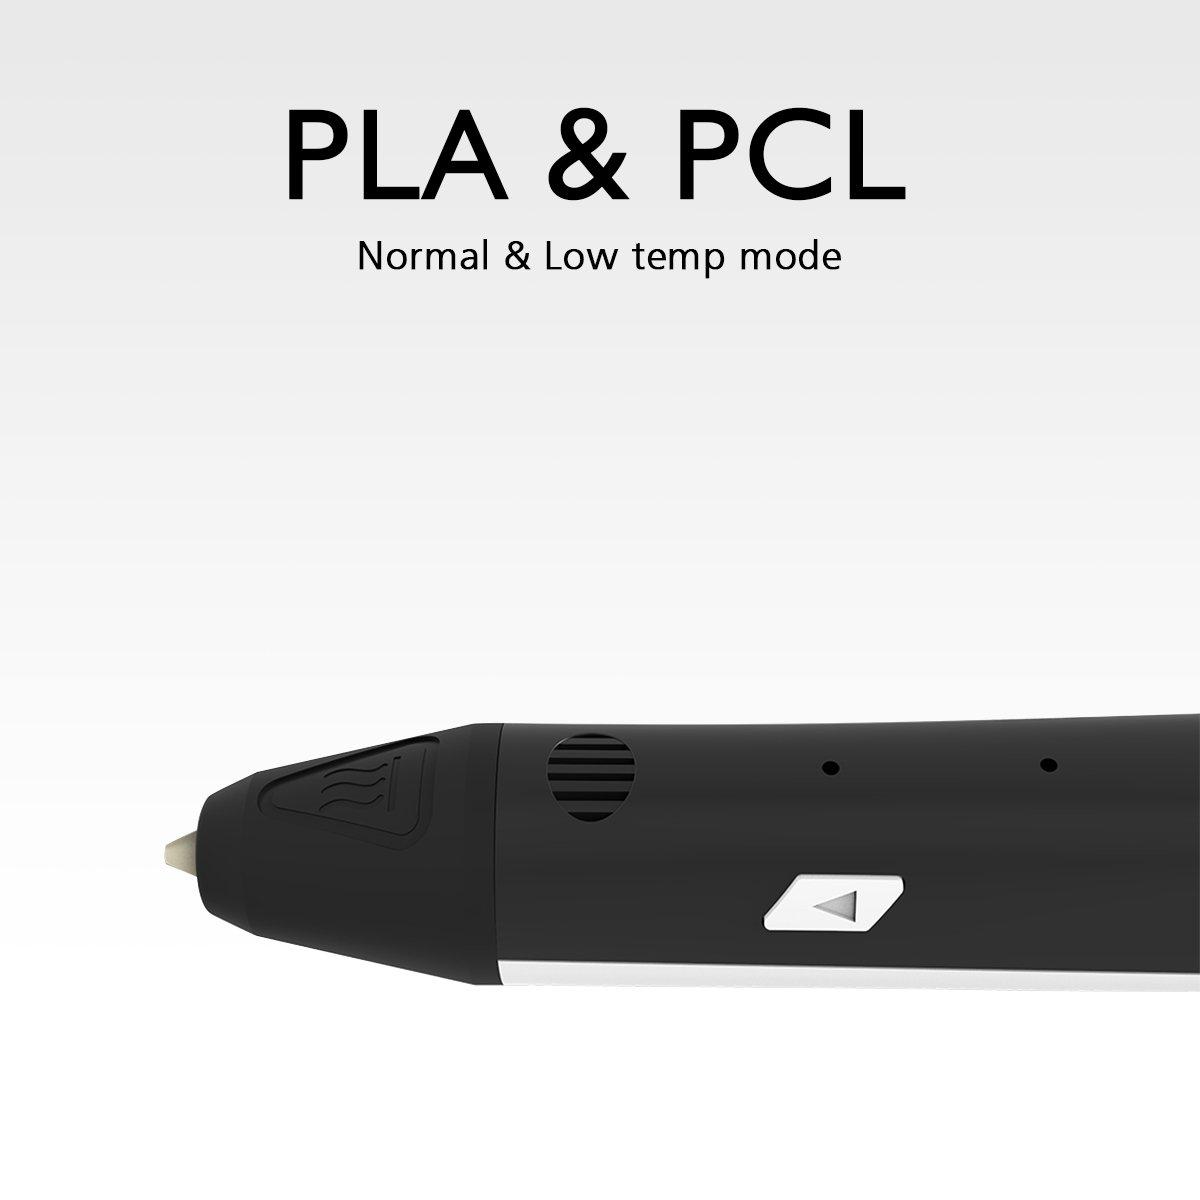 Pathonor-3D-Stylo-dimpression-PCLPLA-Non-Toxique-3D-Pen-pour-Enfant-et-Adulte-avec-2-Paquets-de-3D-Filament-et-2-Manchon-de-Doigts-Le-Cadeau-Idal-pour-Petits-Enfants